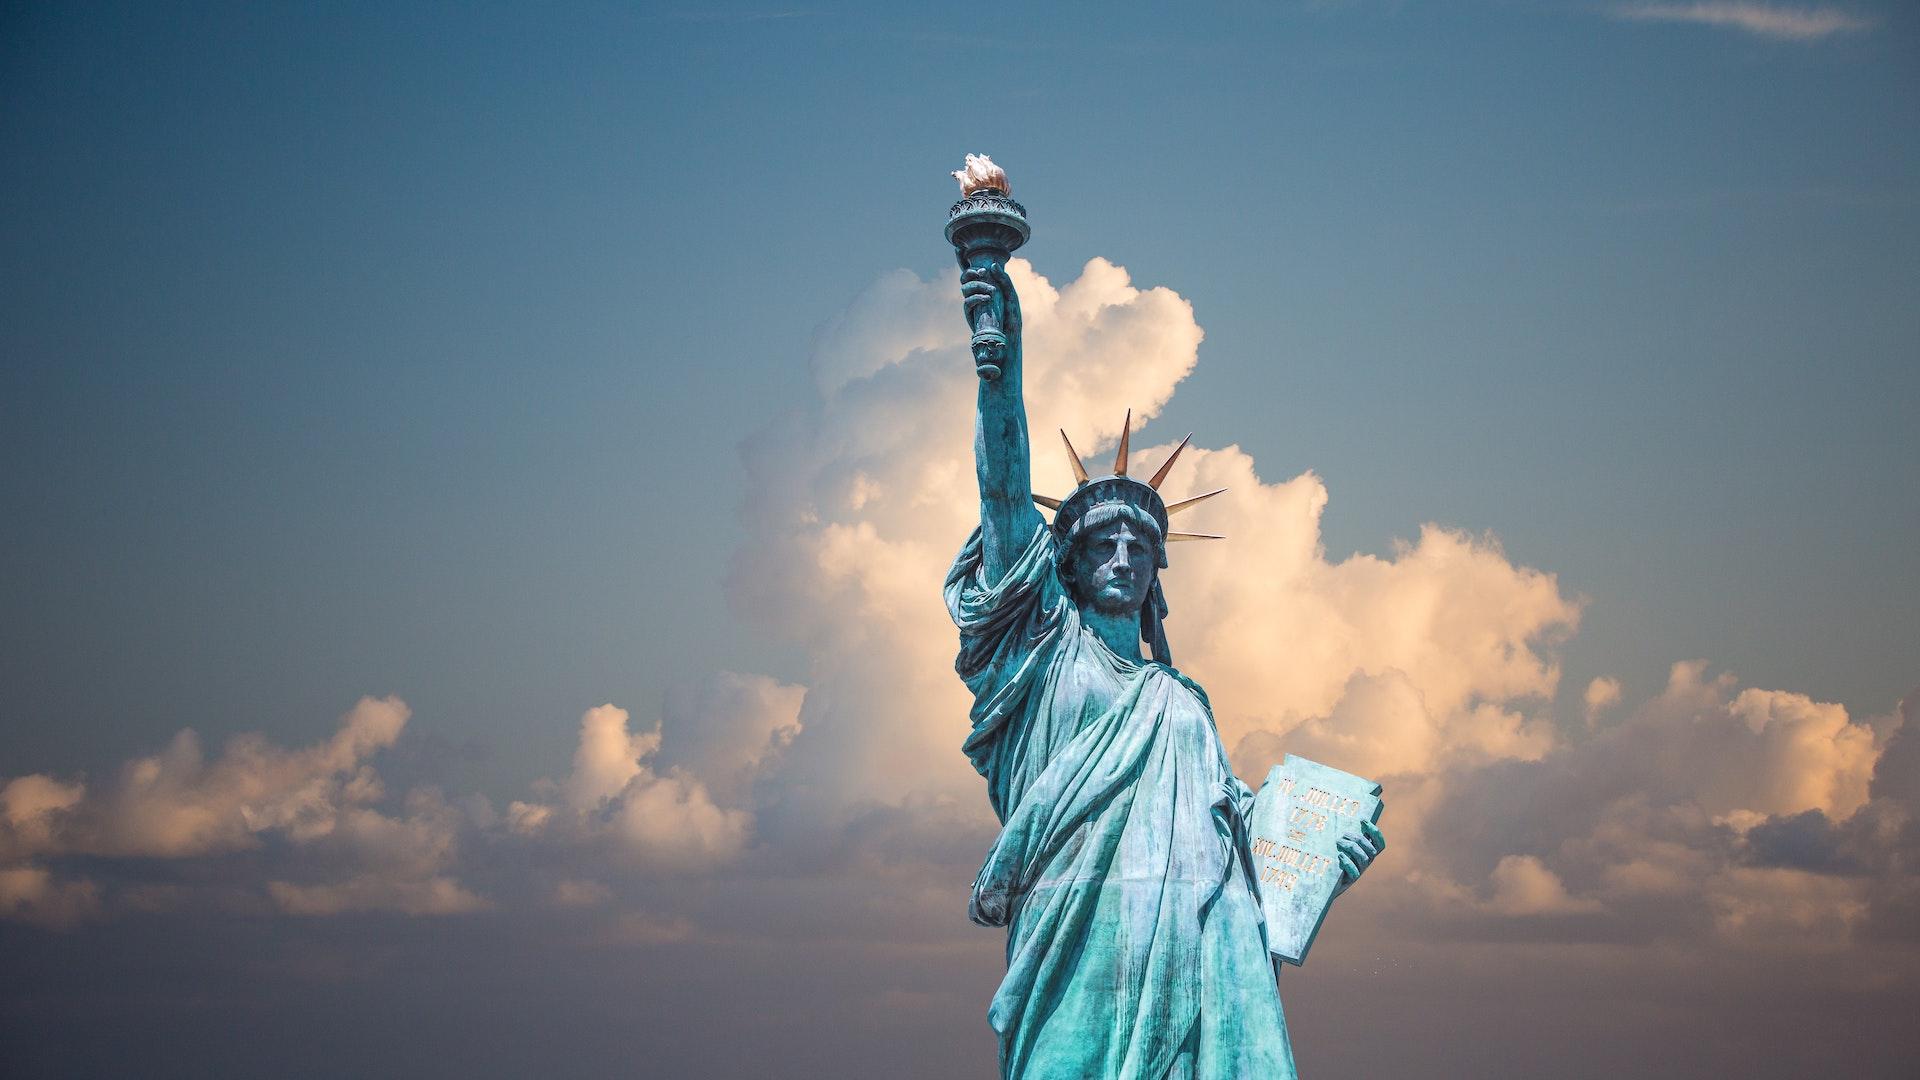 Trámite para obtener la visa para viajar a Estados Unidos en Argentina